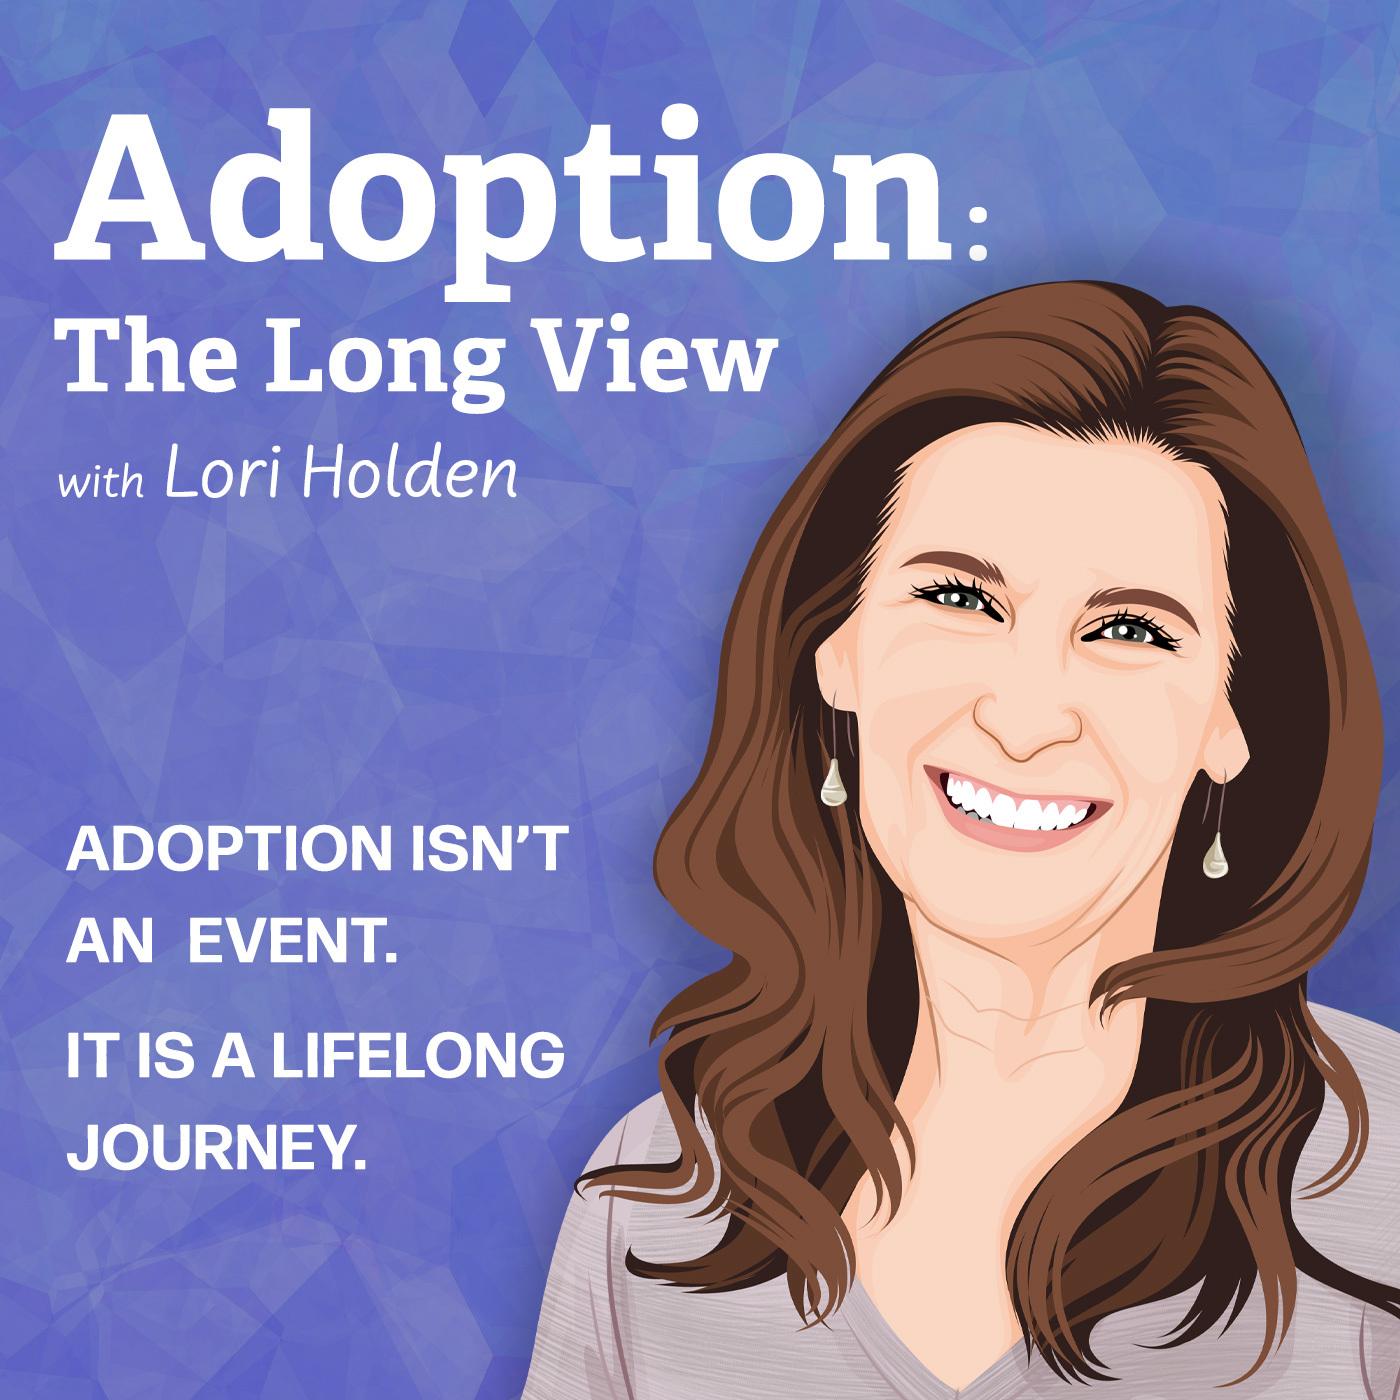 https://s3-us-west-2.amazonaws.com/cdn.adopting.com/site/adoption-the-long-view-cover-art.jpg